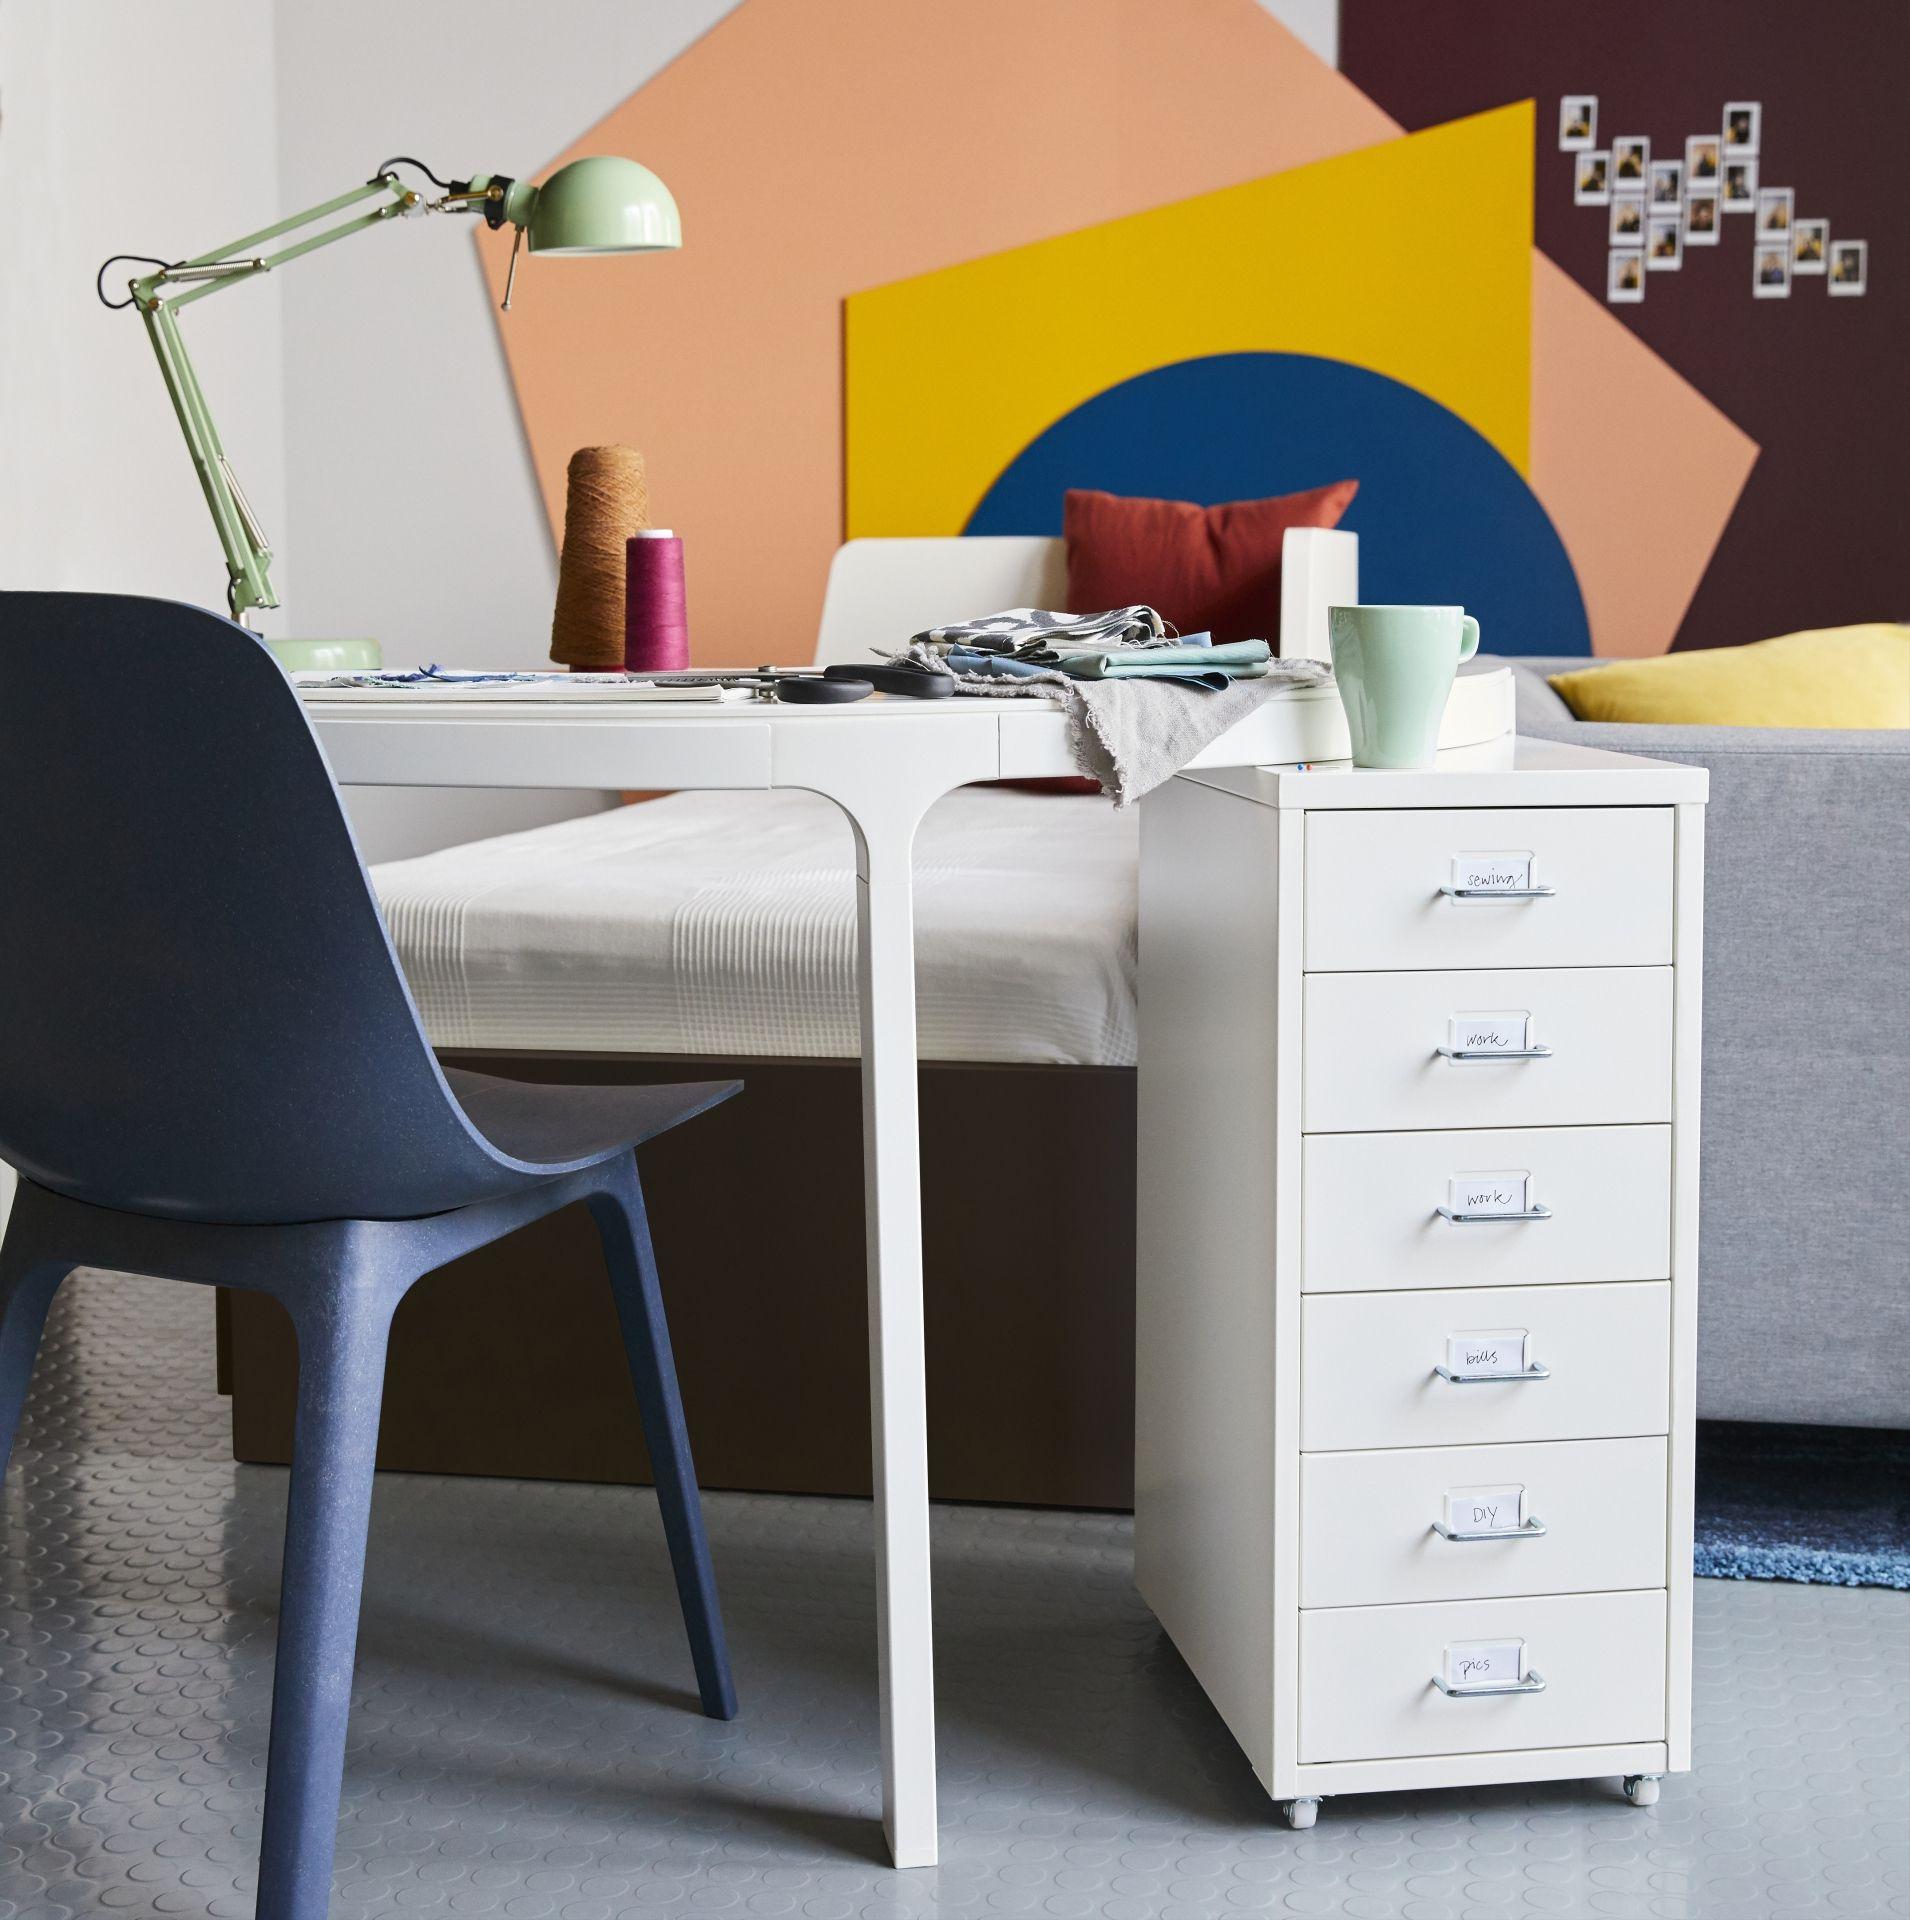 ODGER Eetkamerstoel, blauw | IKEA catalogus 2018 | Pinterest | Door ...